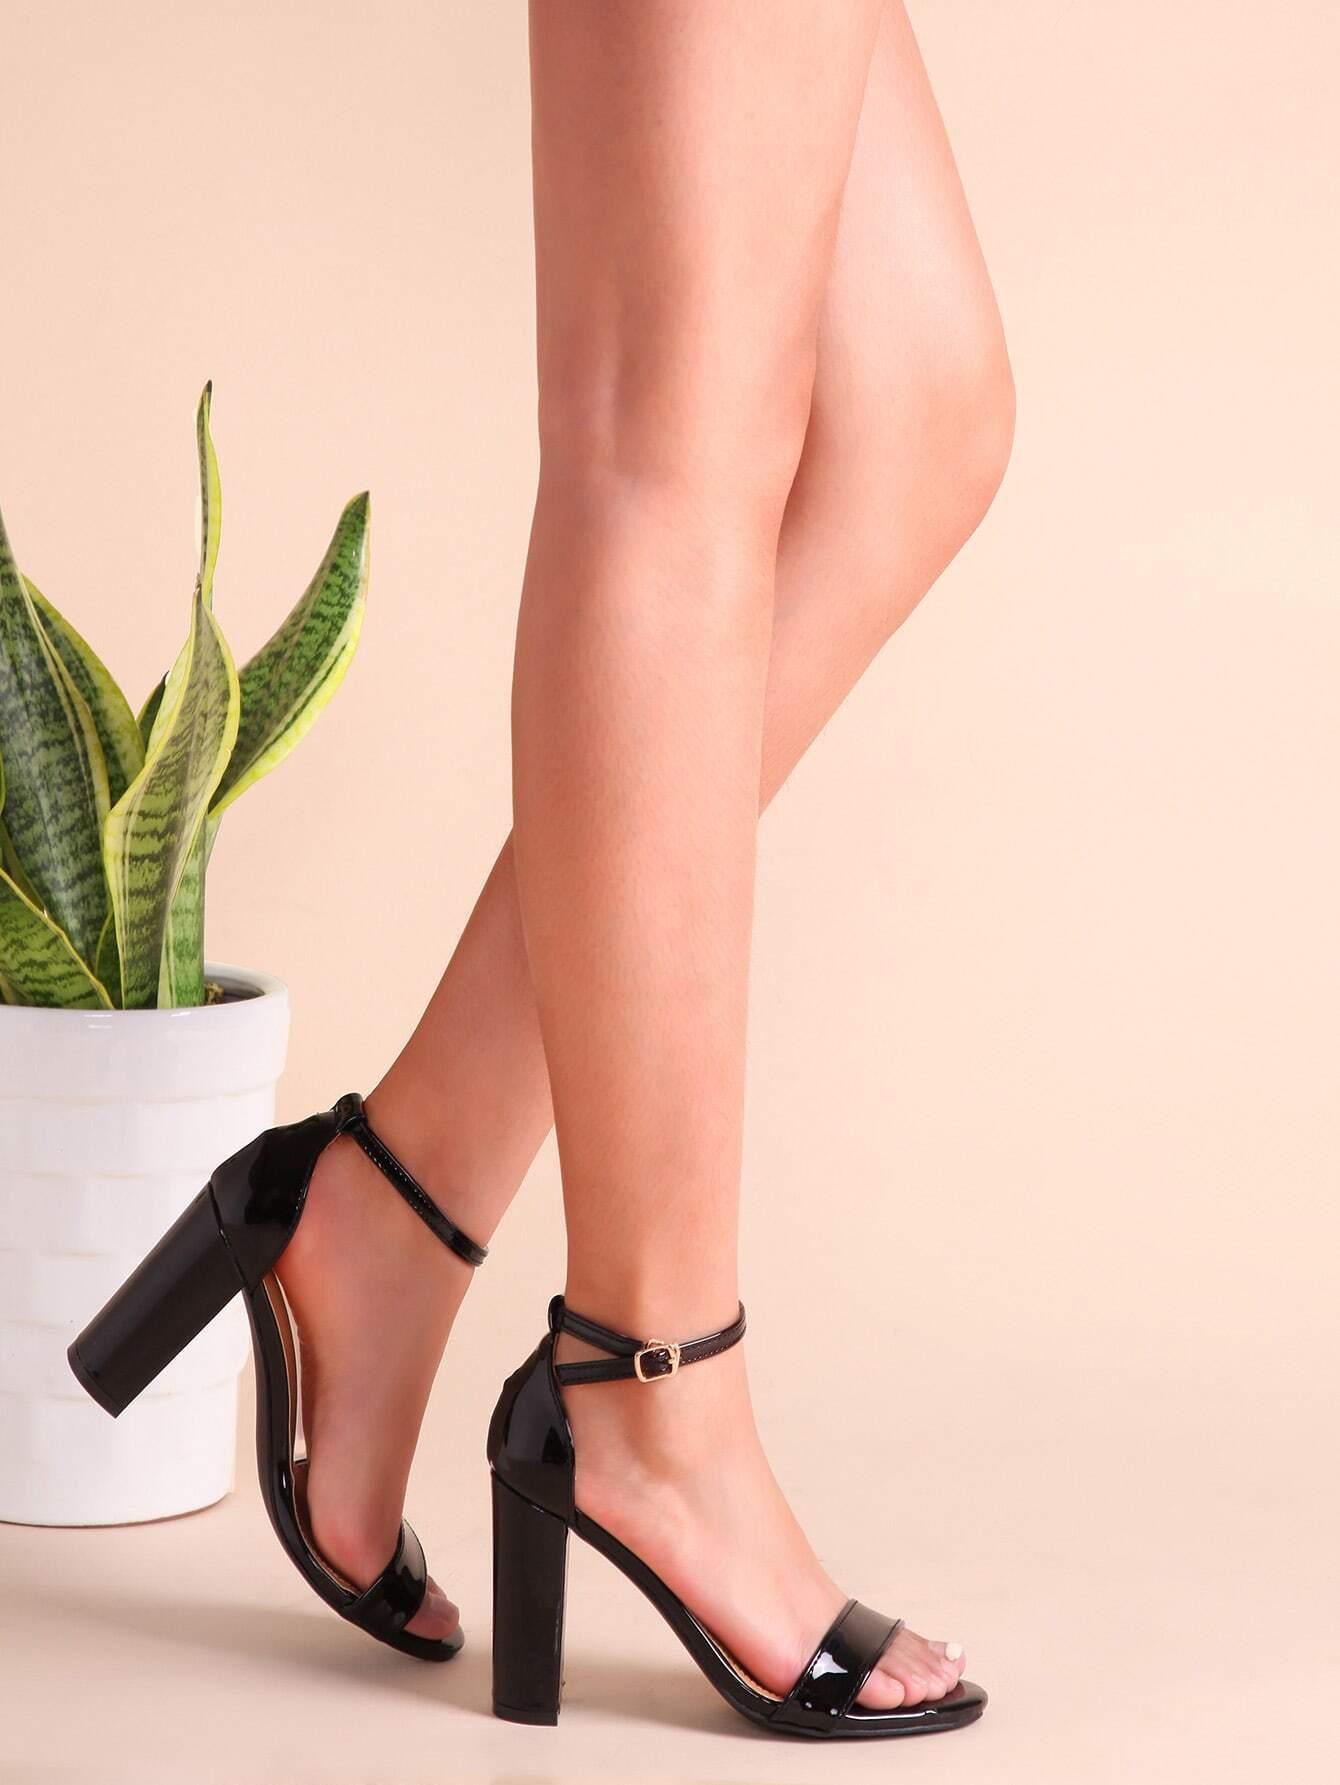 shoes161215806_2